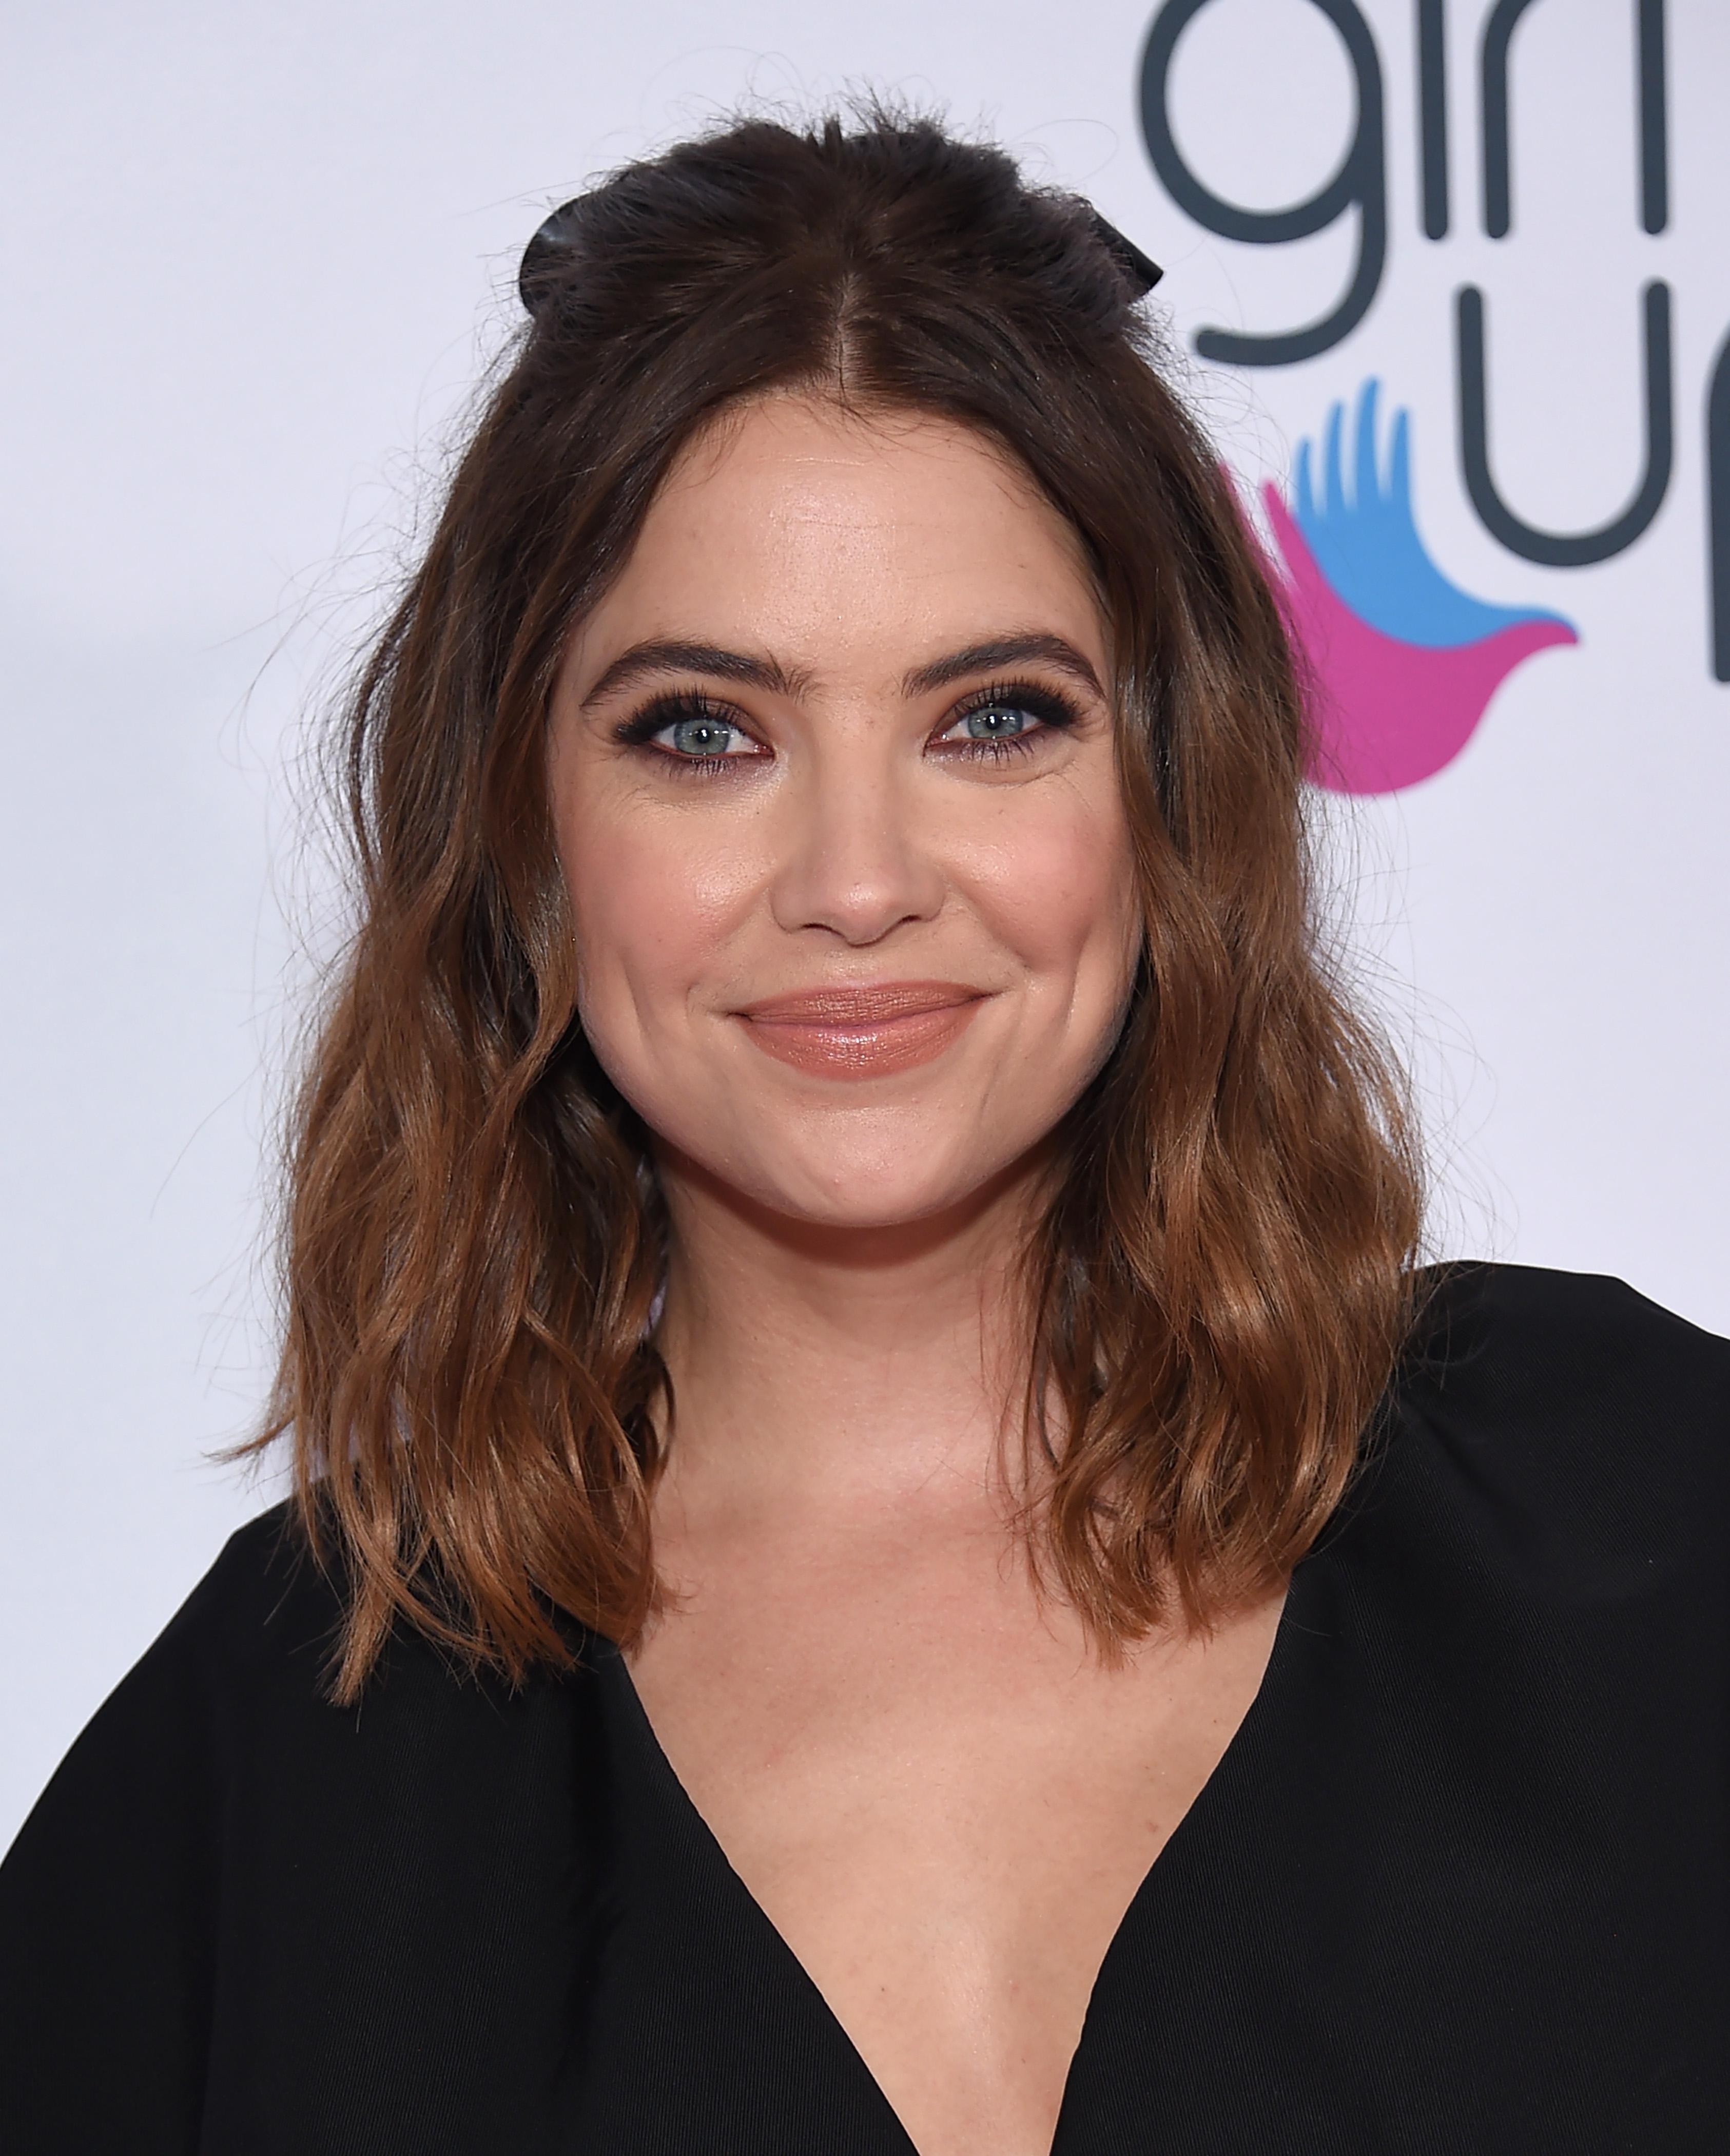 Η Ashley Benson μόλις απέκτησε τα πιο cool μαλλιά που θα θέλεις κι εσύ!